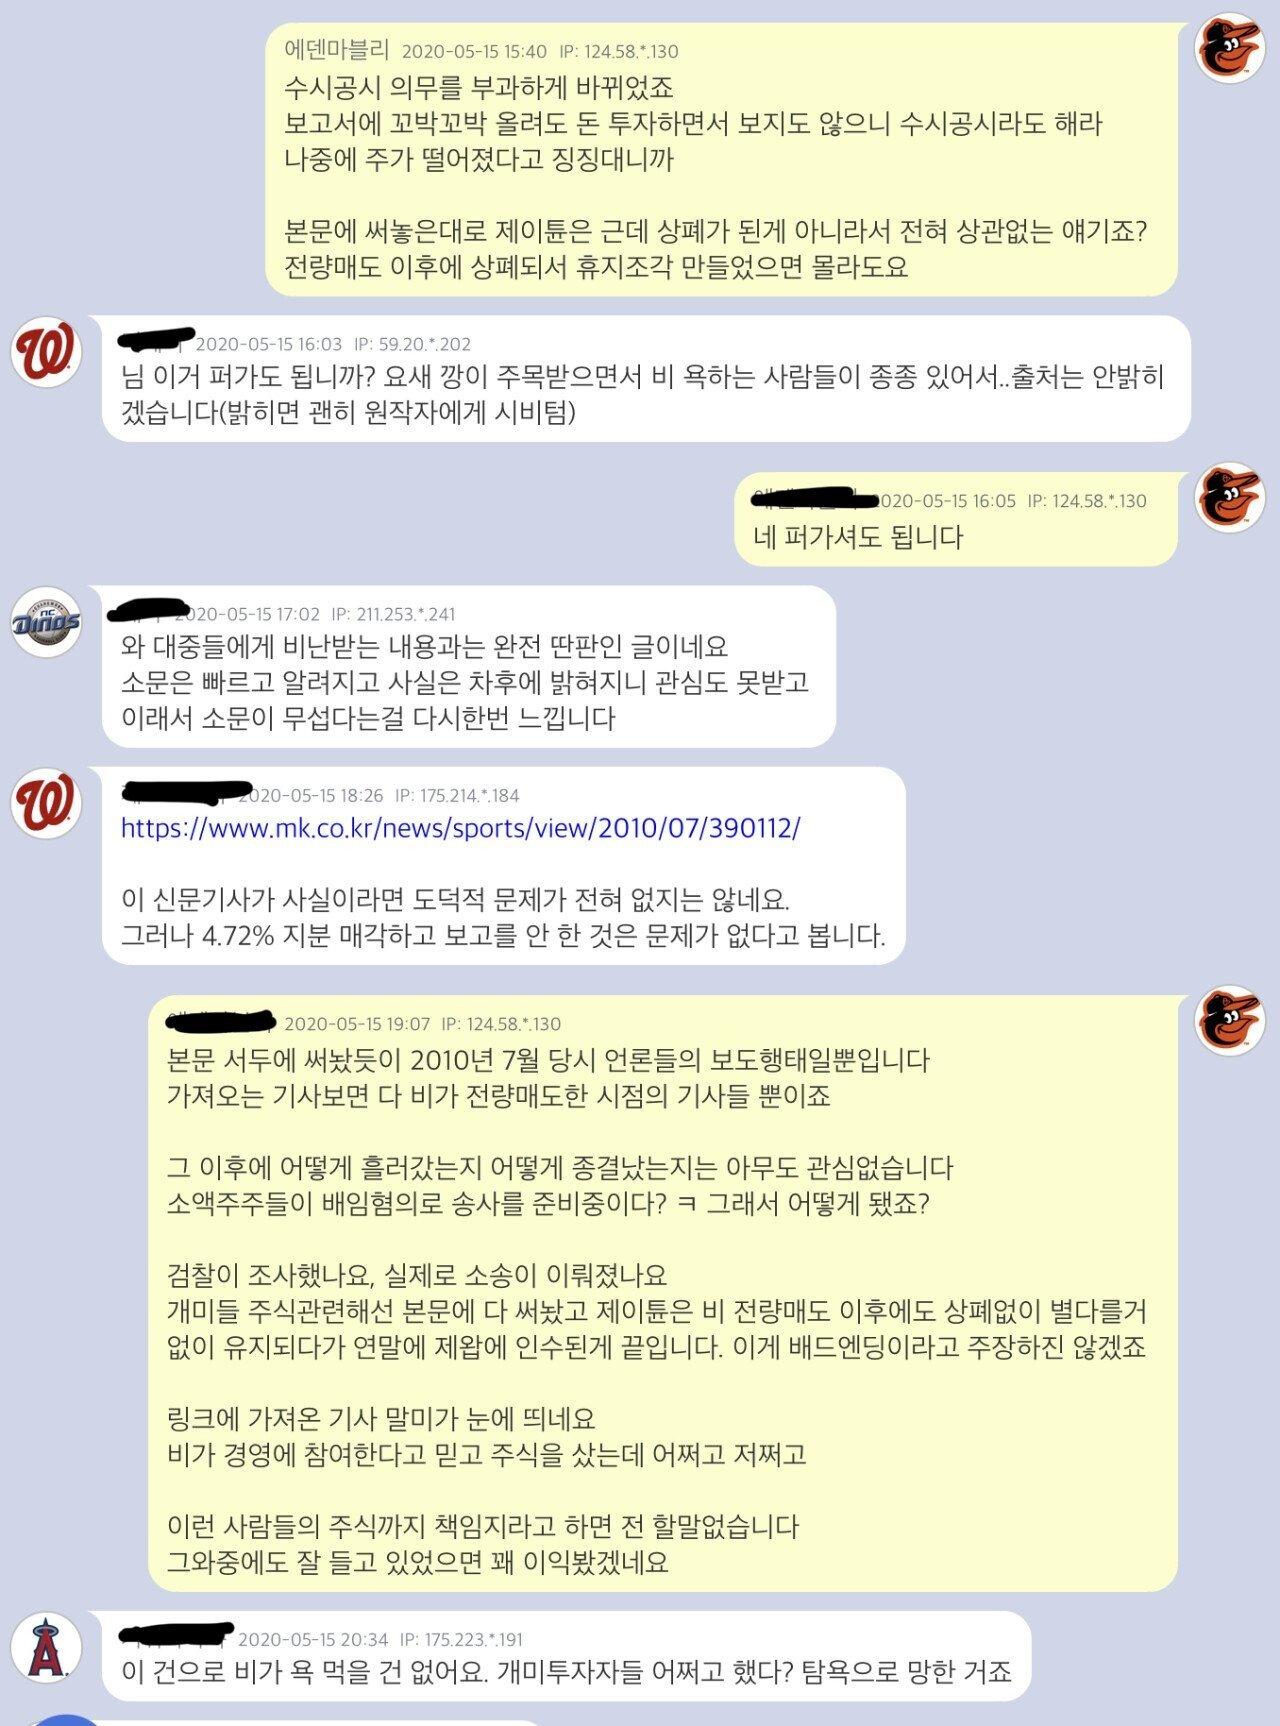 펌) 비 주식 사건 팩트 정리